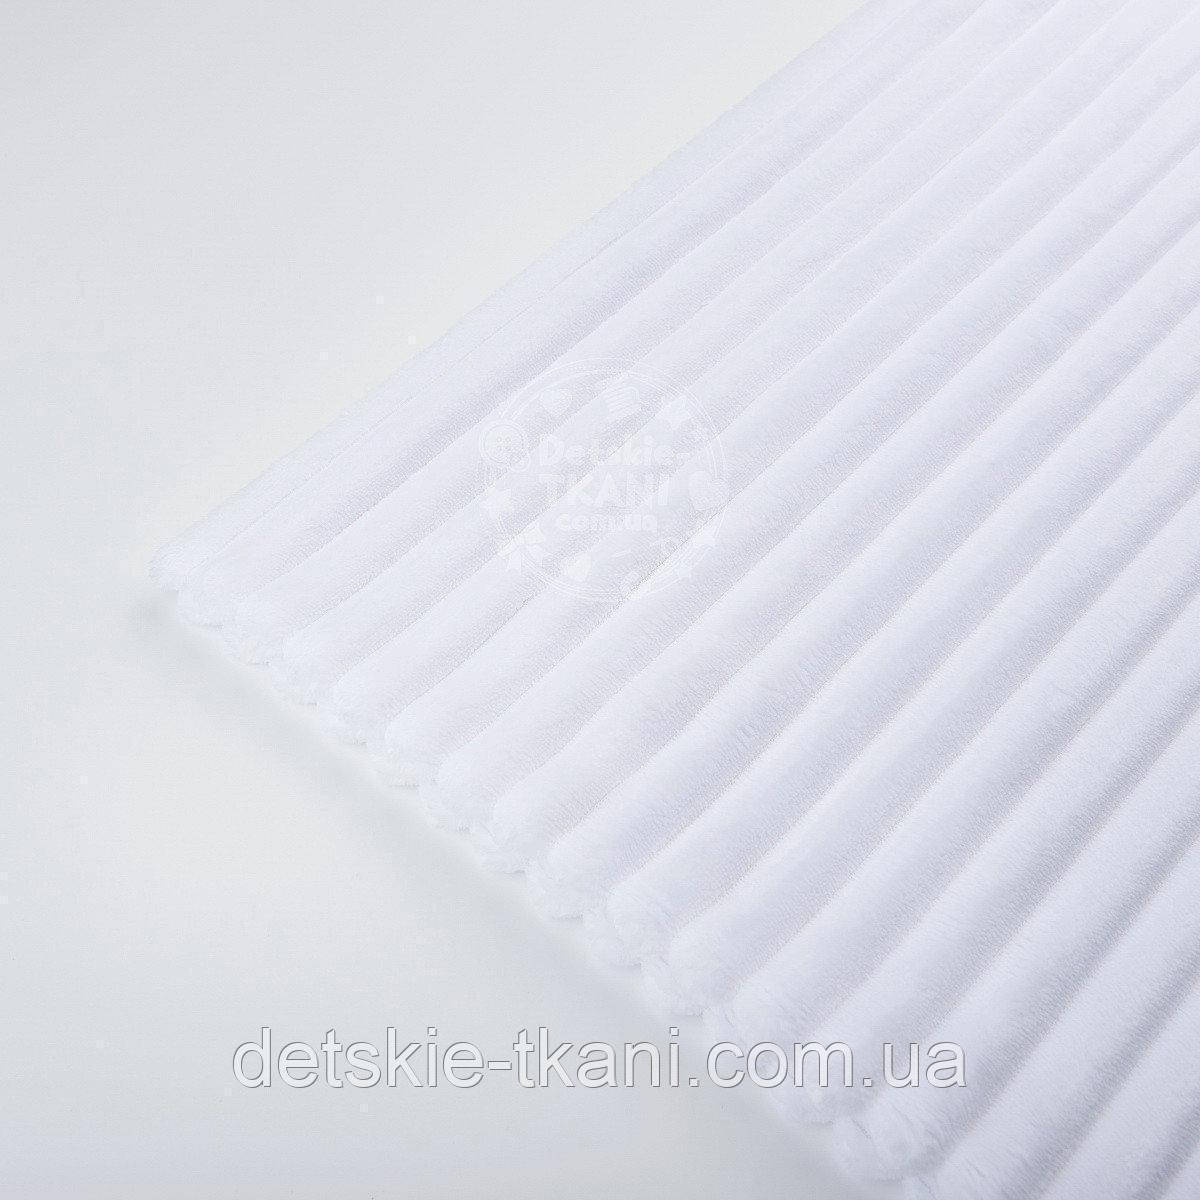 Два лоскута плюша в полоску Stripes, цвет белый, с оттенком айвори, размер 25*50, 20*75 см